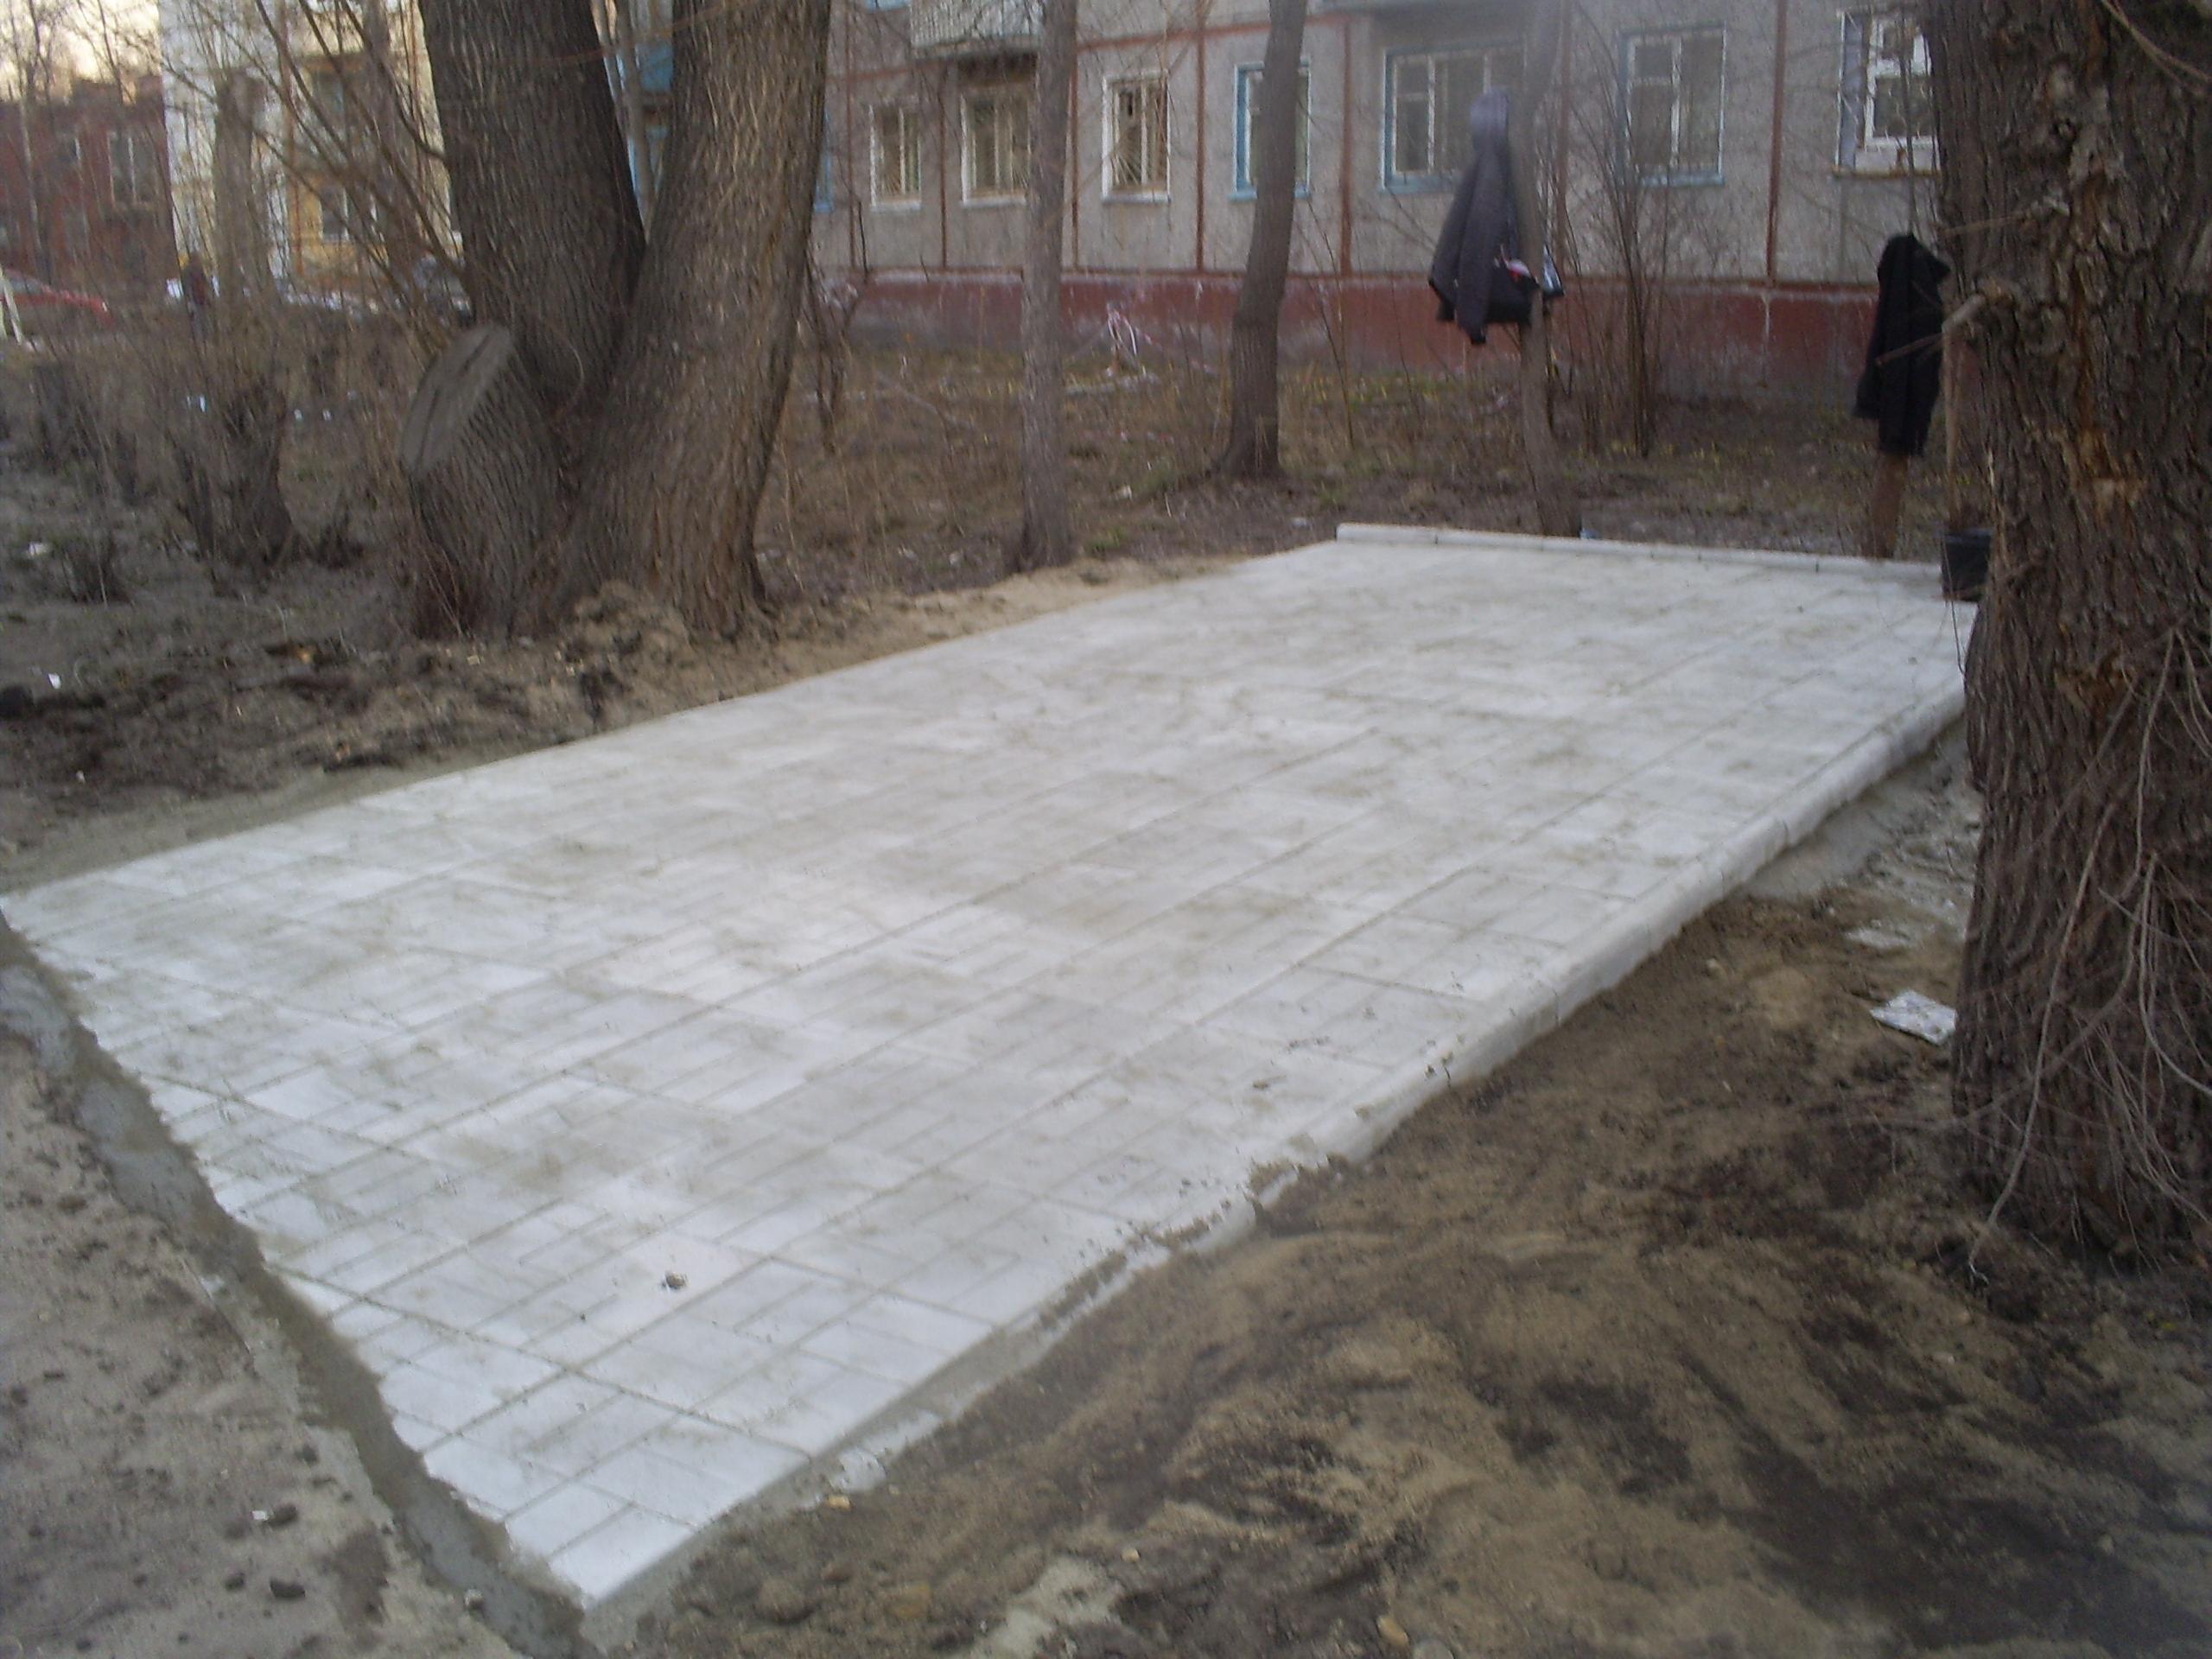 http://plitka-omsk55.ru/images/upload/S5031151.JPG